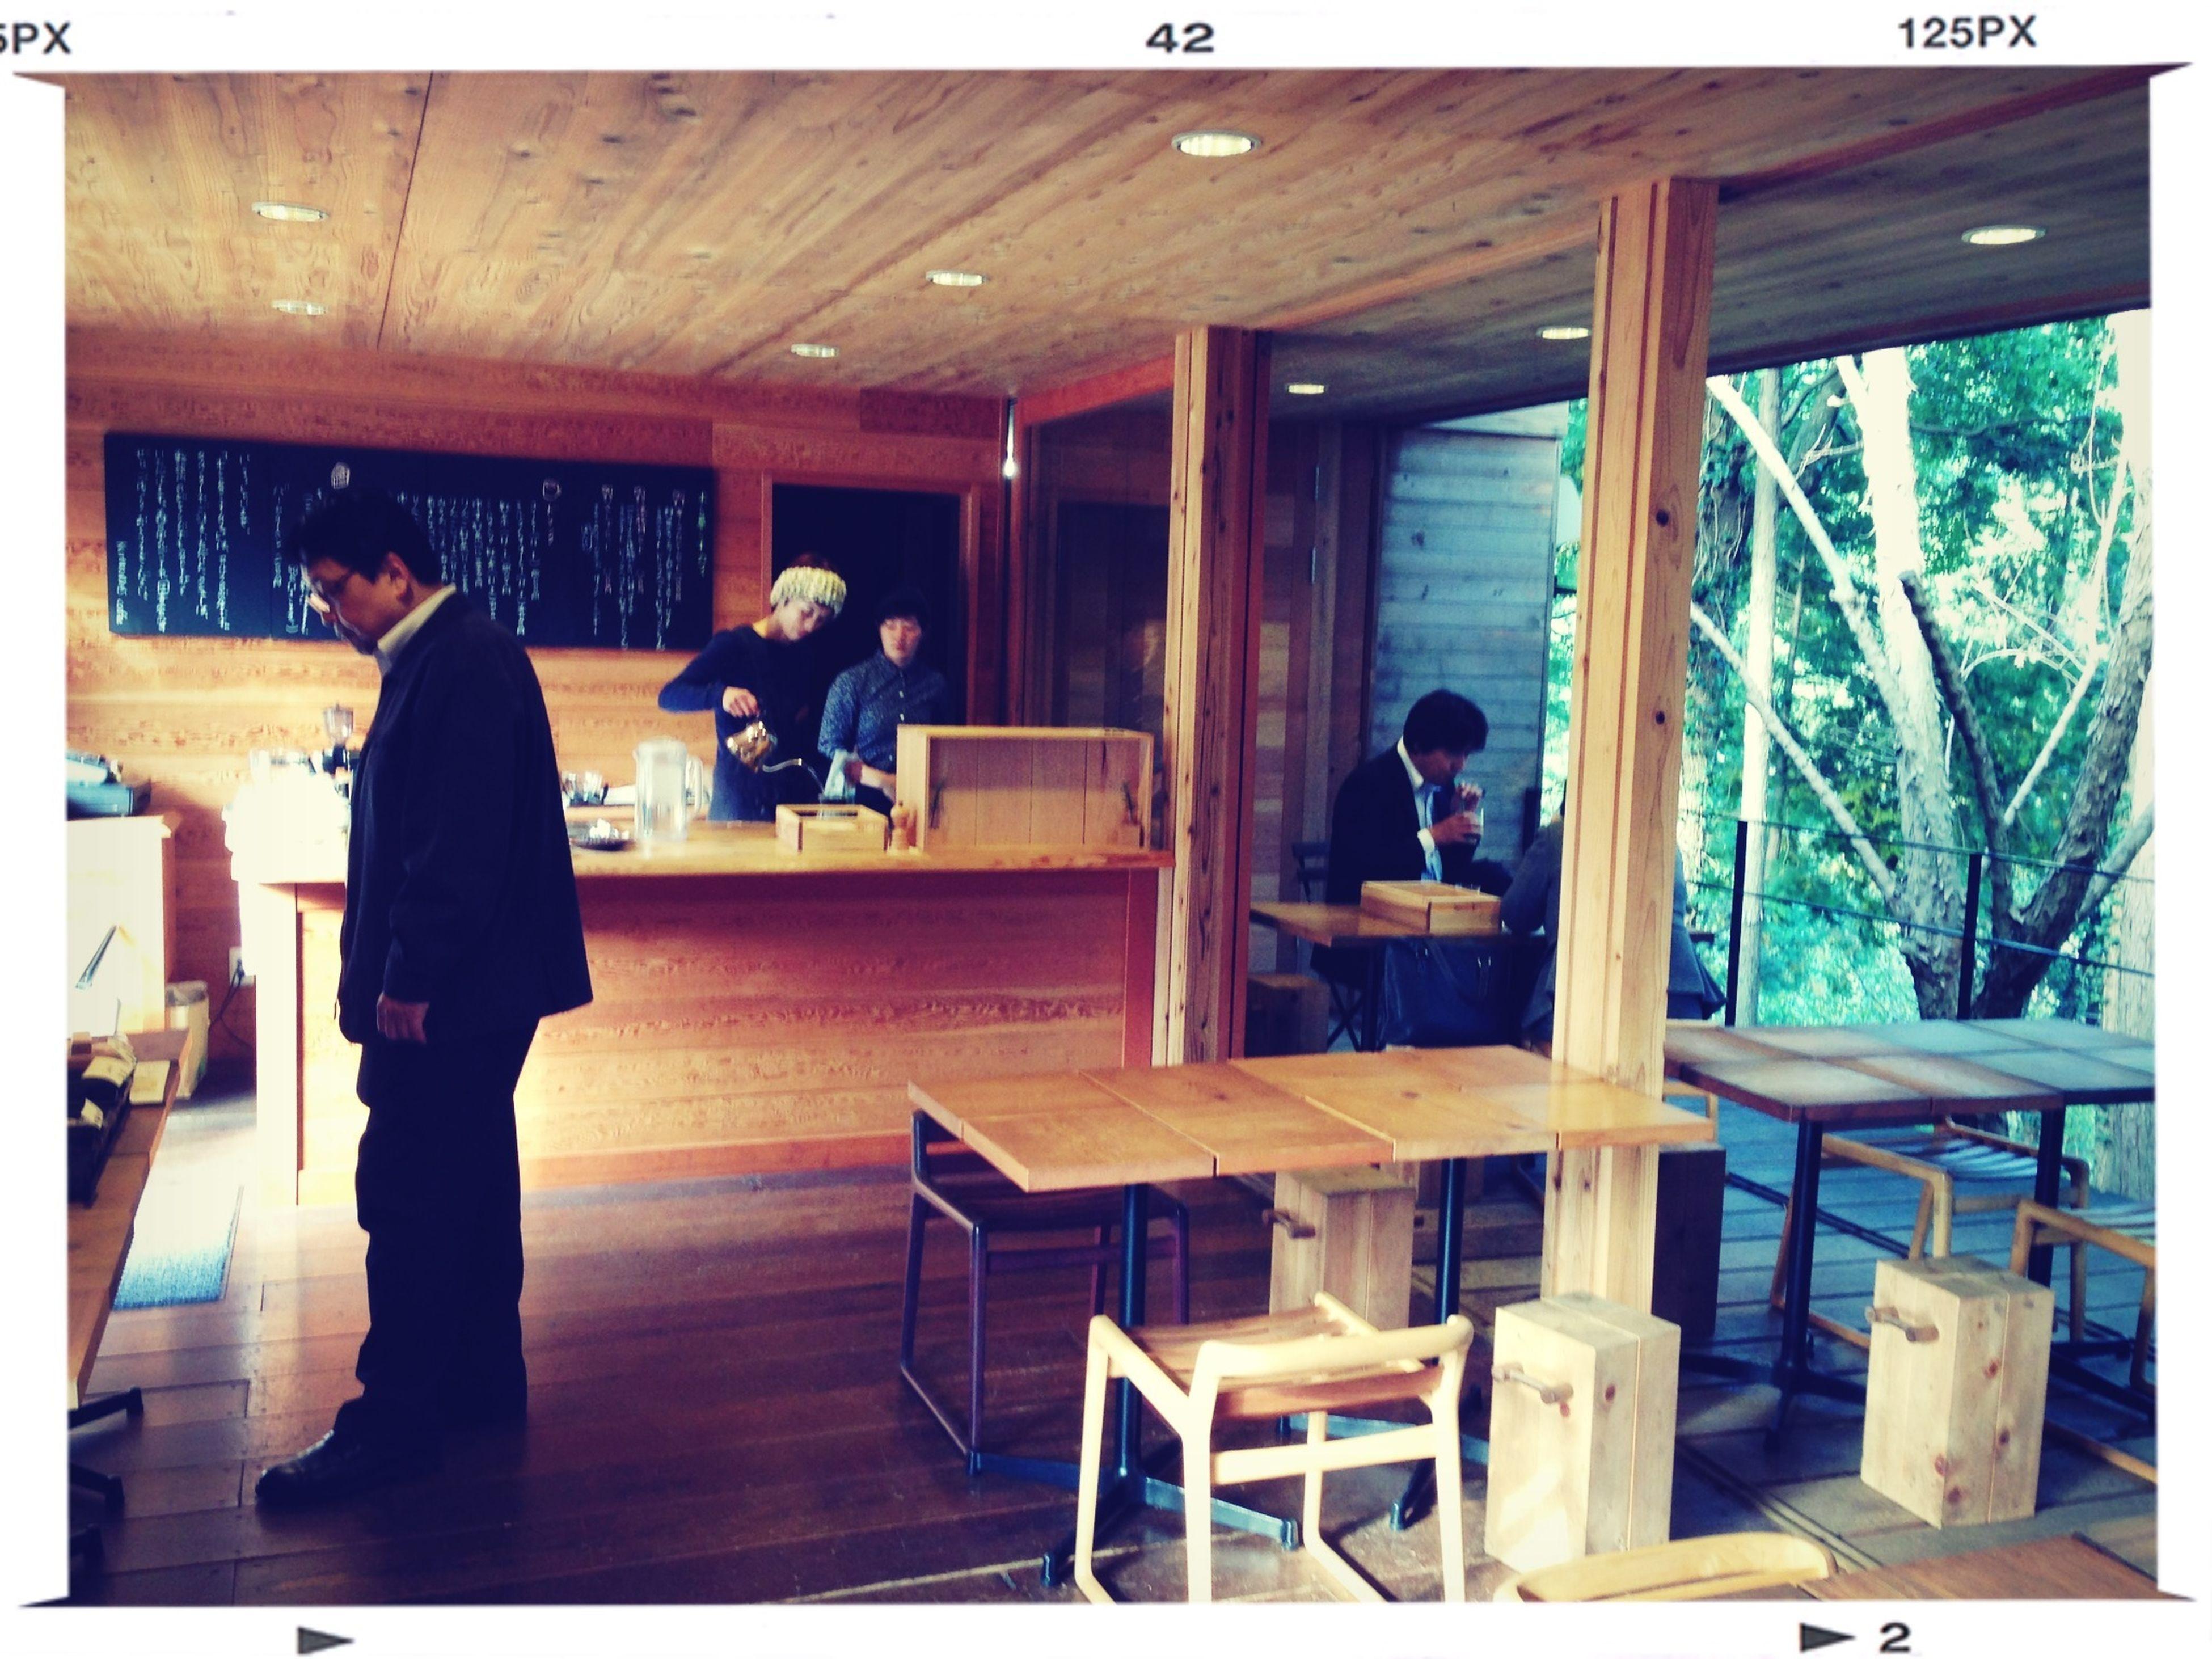 絵本の中のカフェみたいな素敵なカフェ。森に繋がってる。 Relaxing Meeting Friends